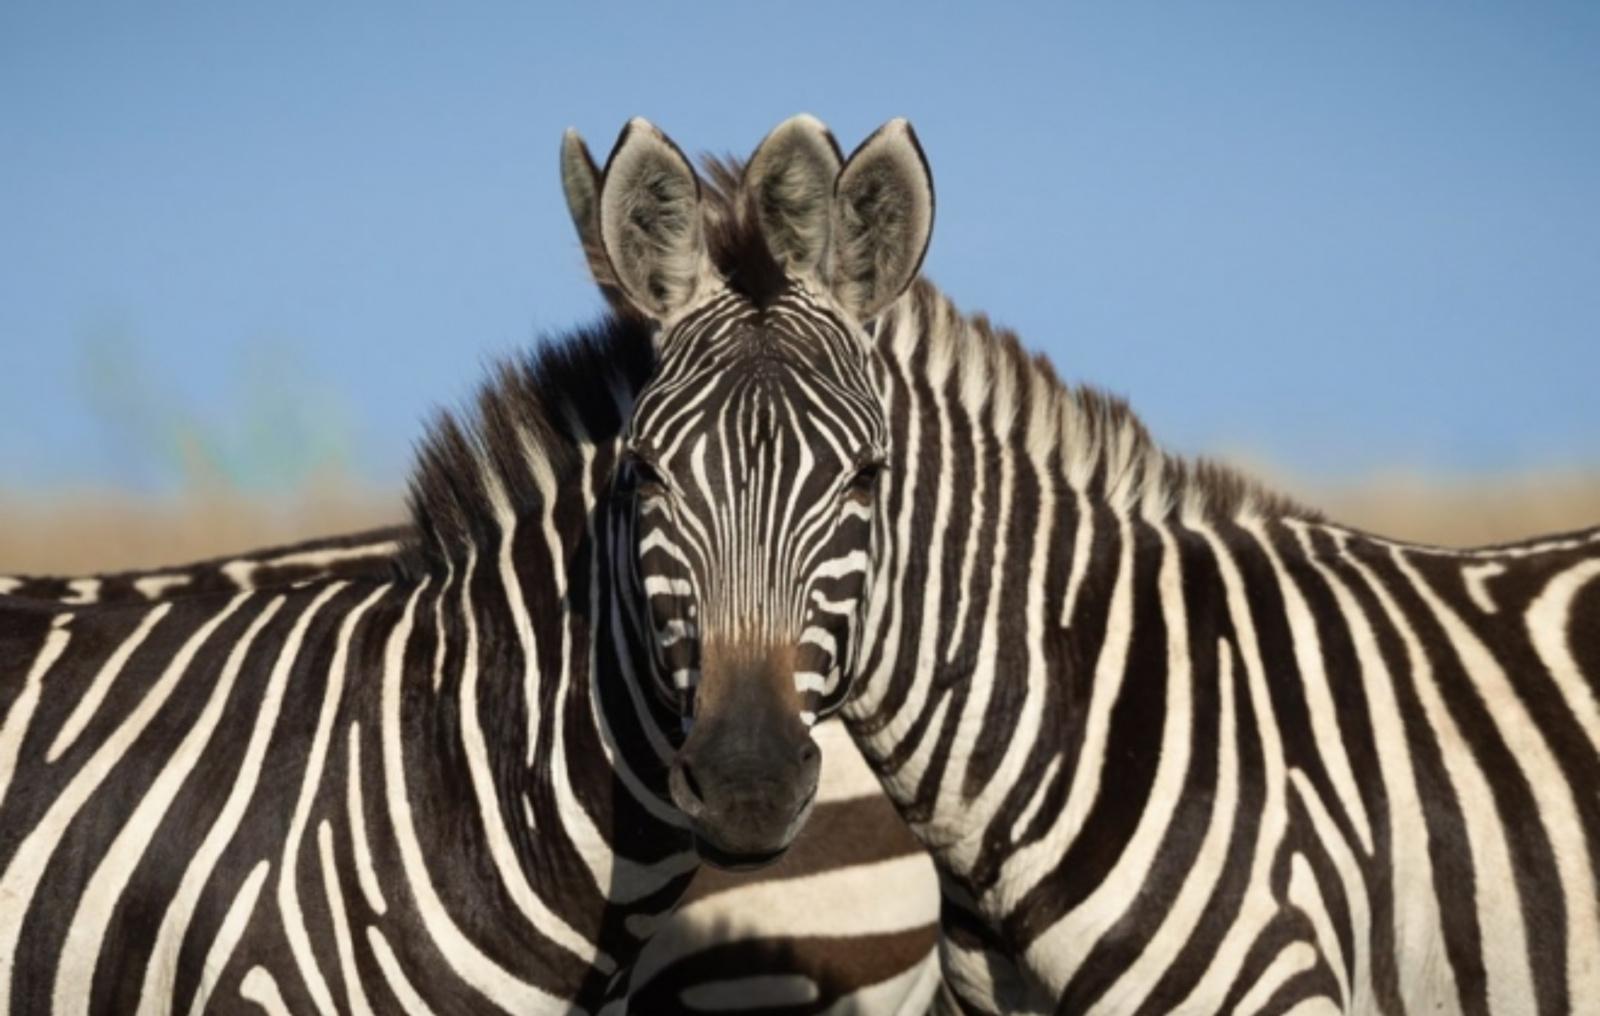 Ši nuotrauka sukėlė didžiulę diskusijų bangą: kuris zebras žiūri į kamerą?